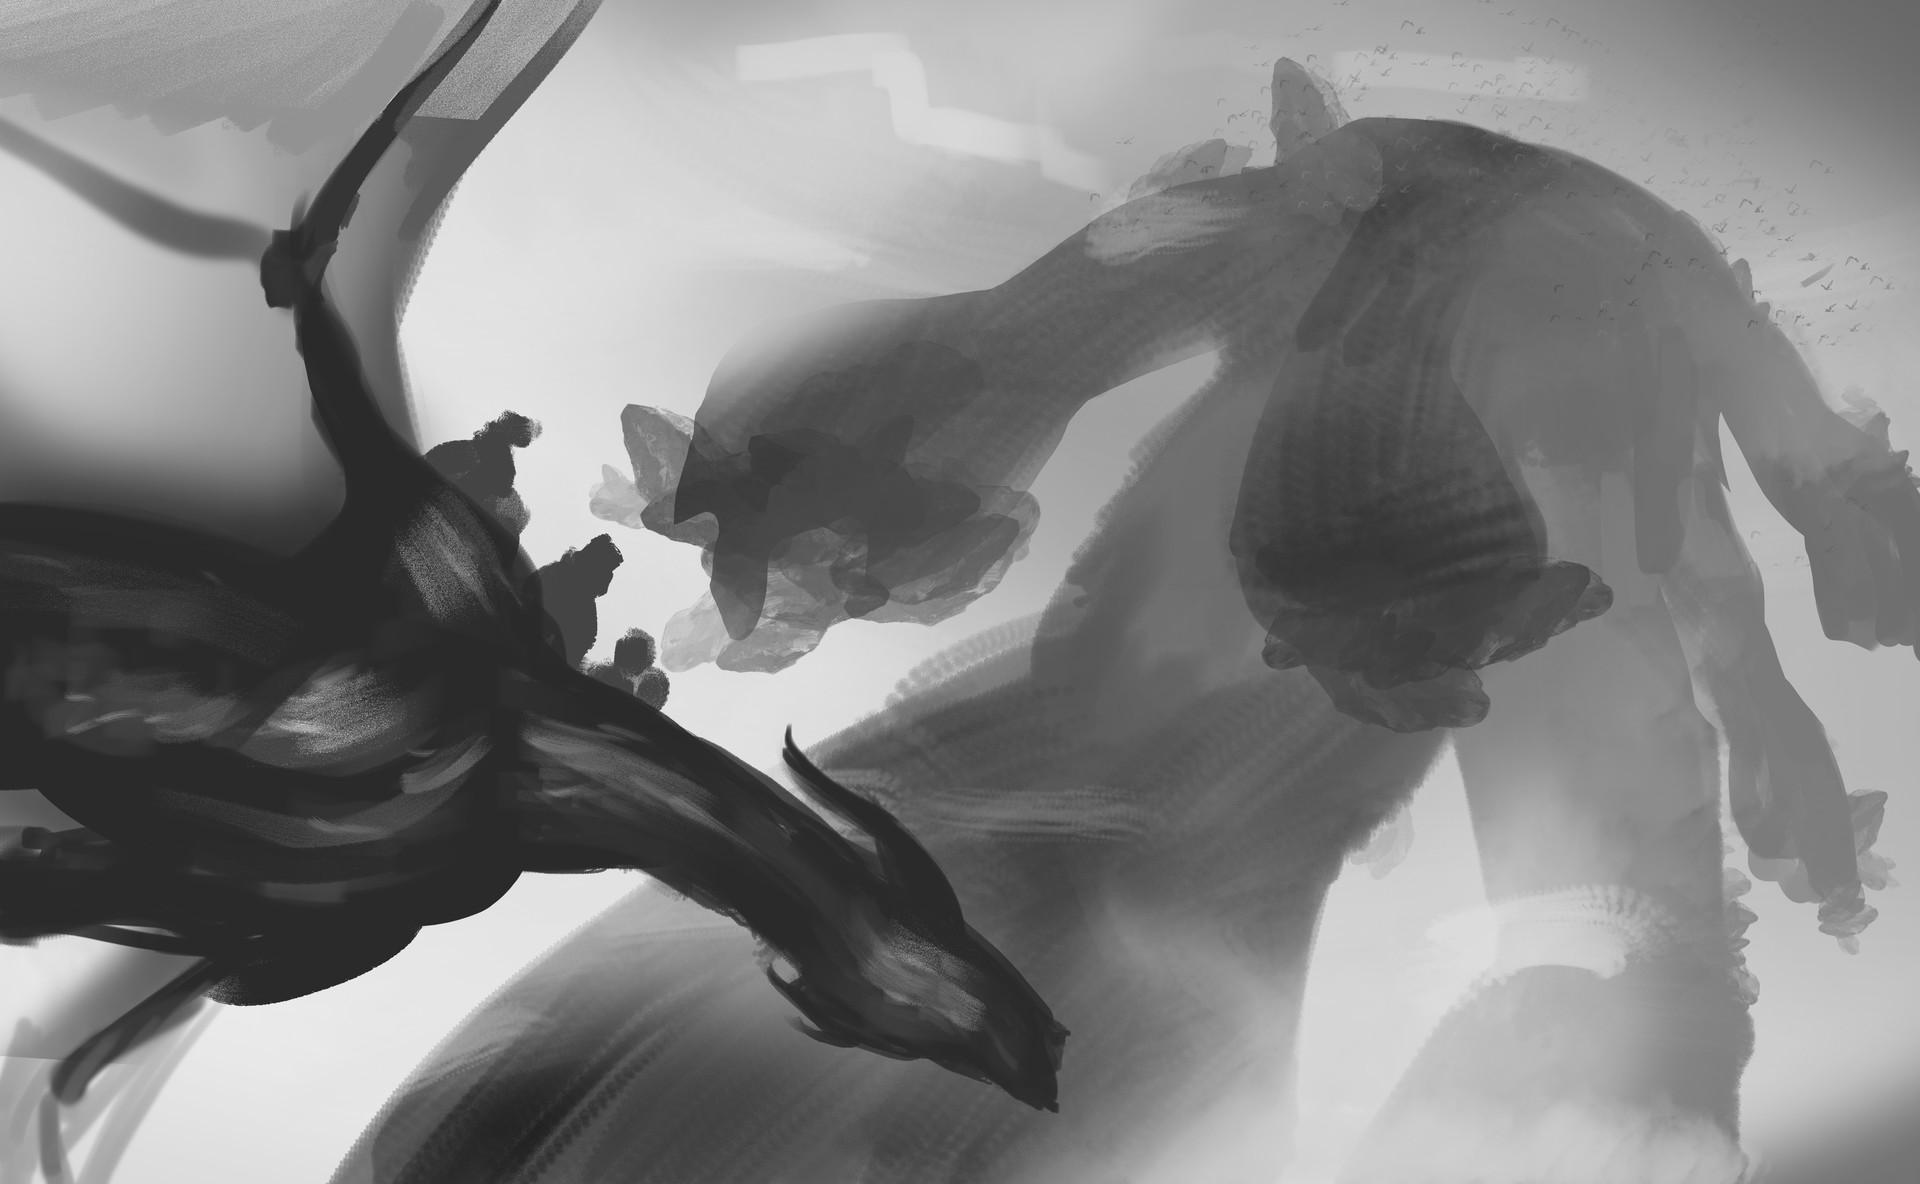 Caio santos titan dragon